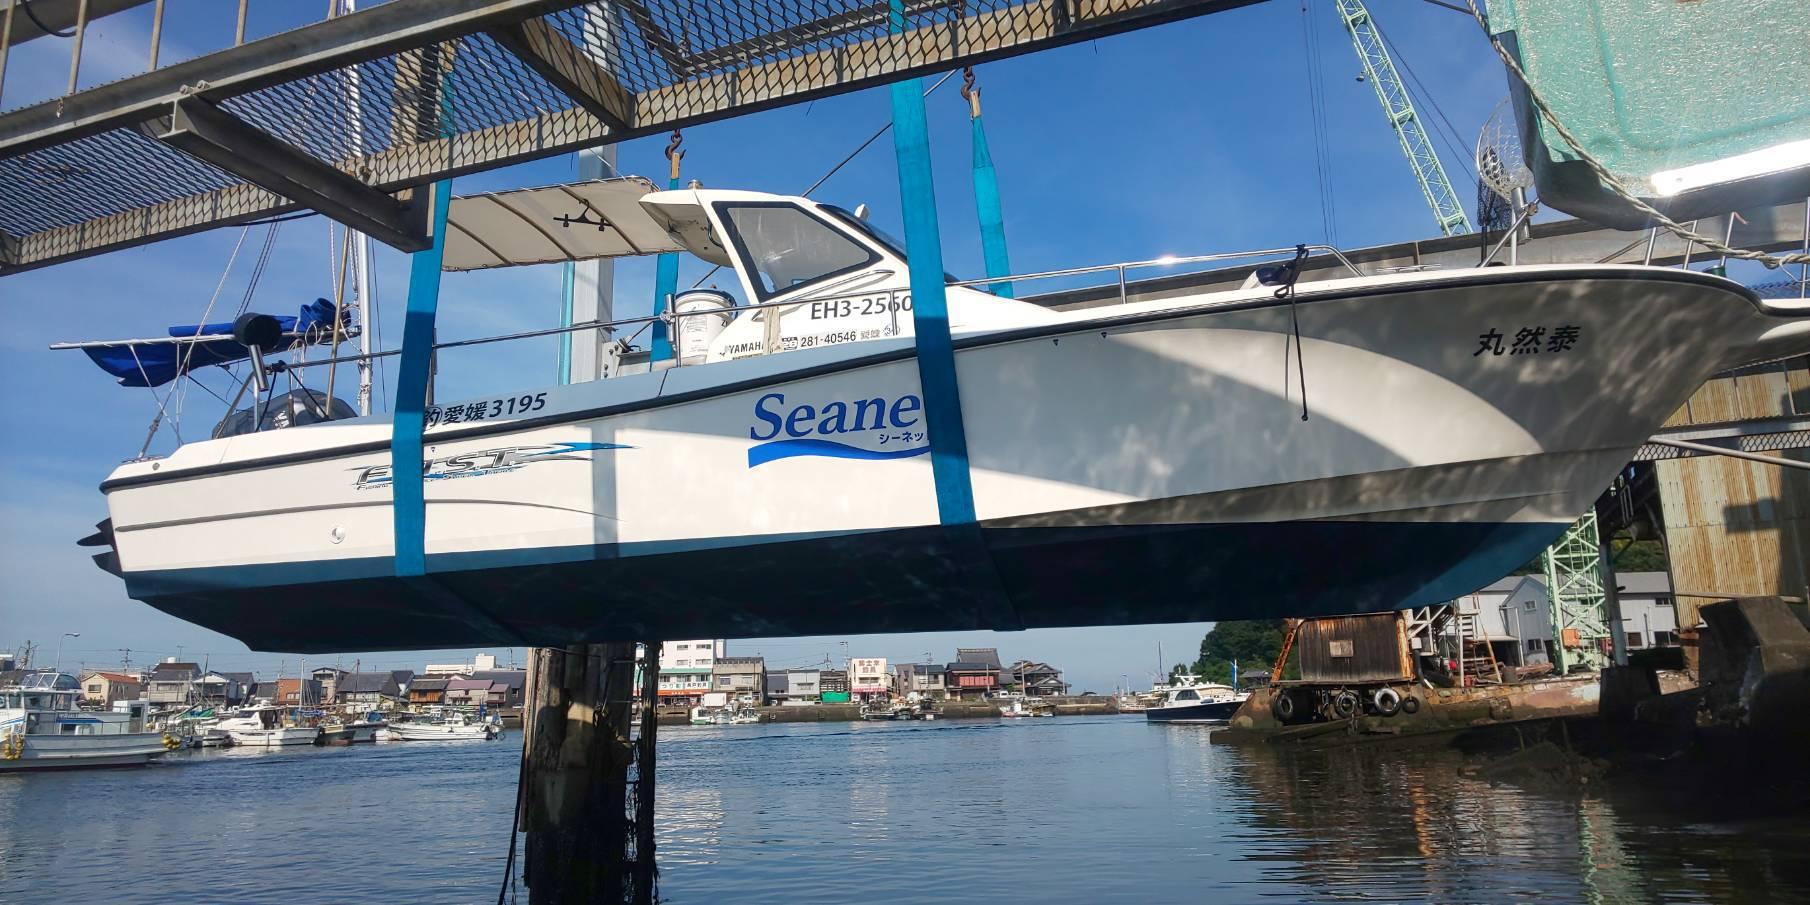 7月21日 船底塗装完了